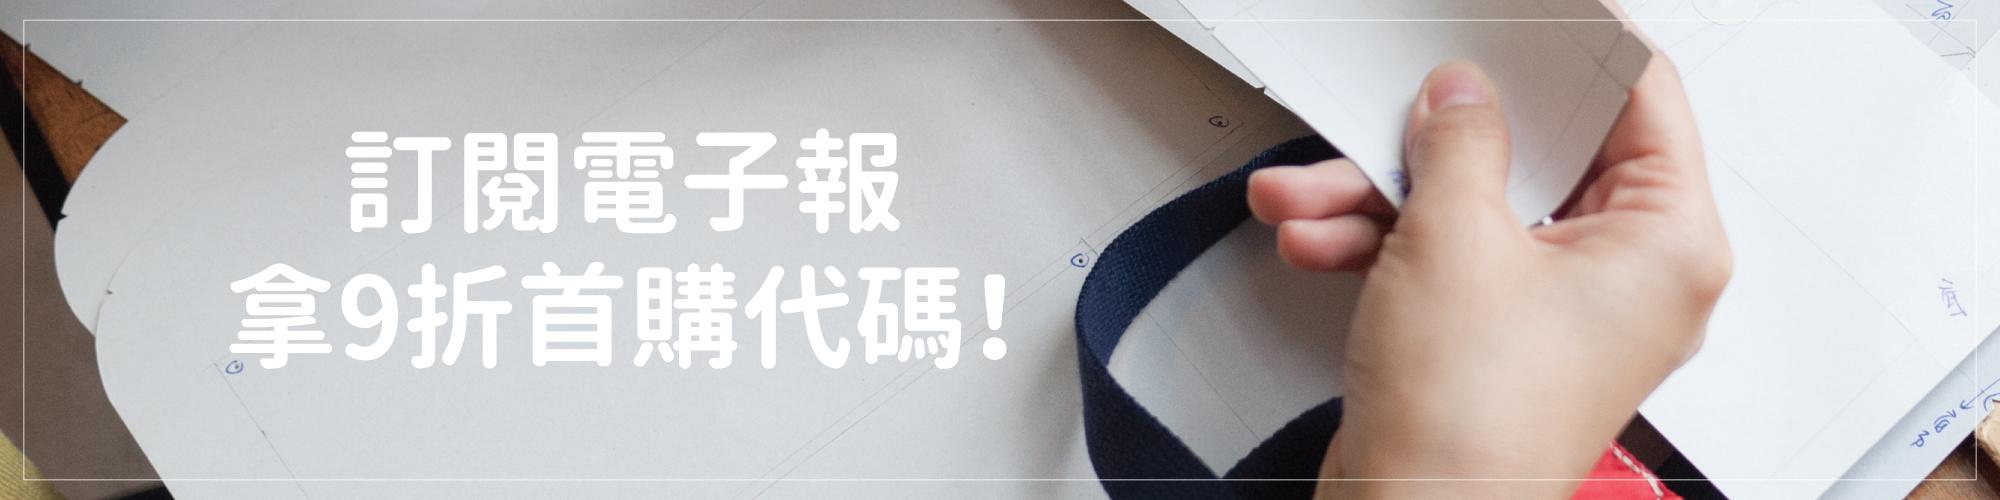 訂閱電子報拿9折首購代碼!